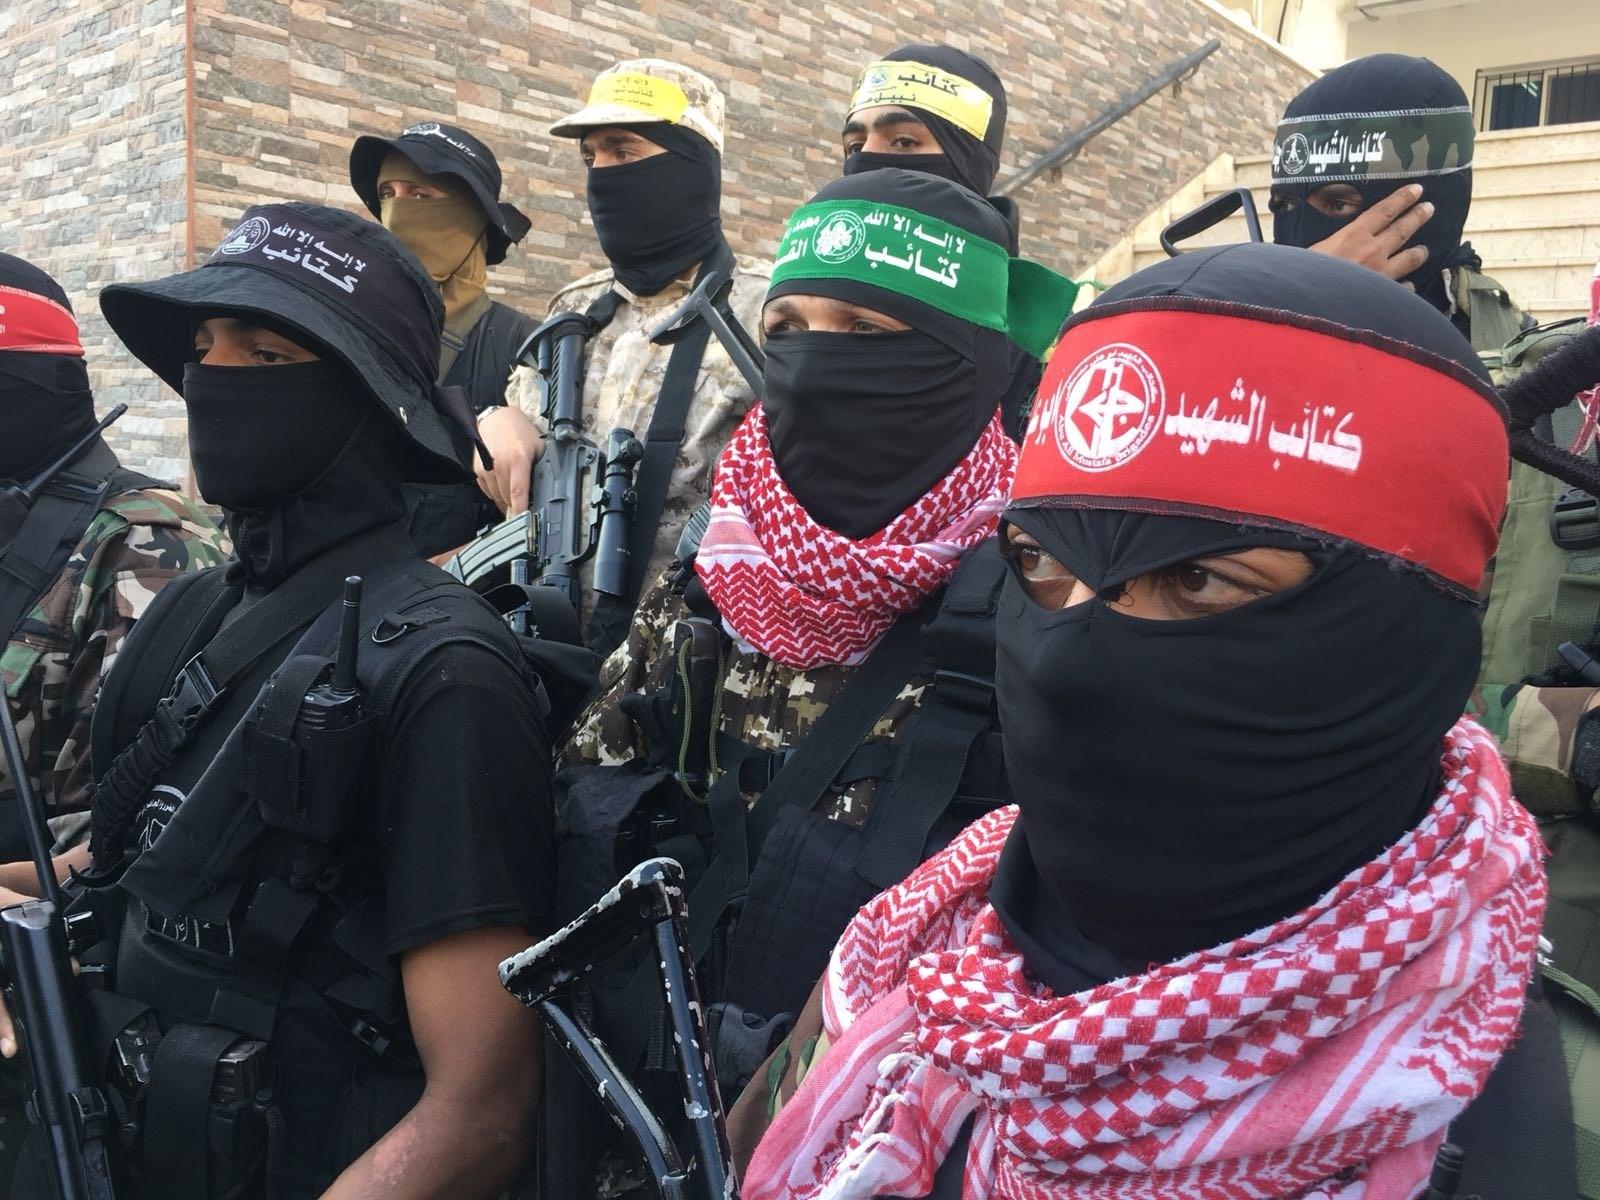 فصائل المقاومة الفلسطينية تدين اعتقالات القوات الإسرائيلية